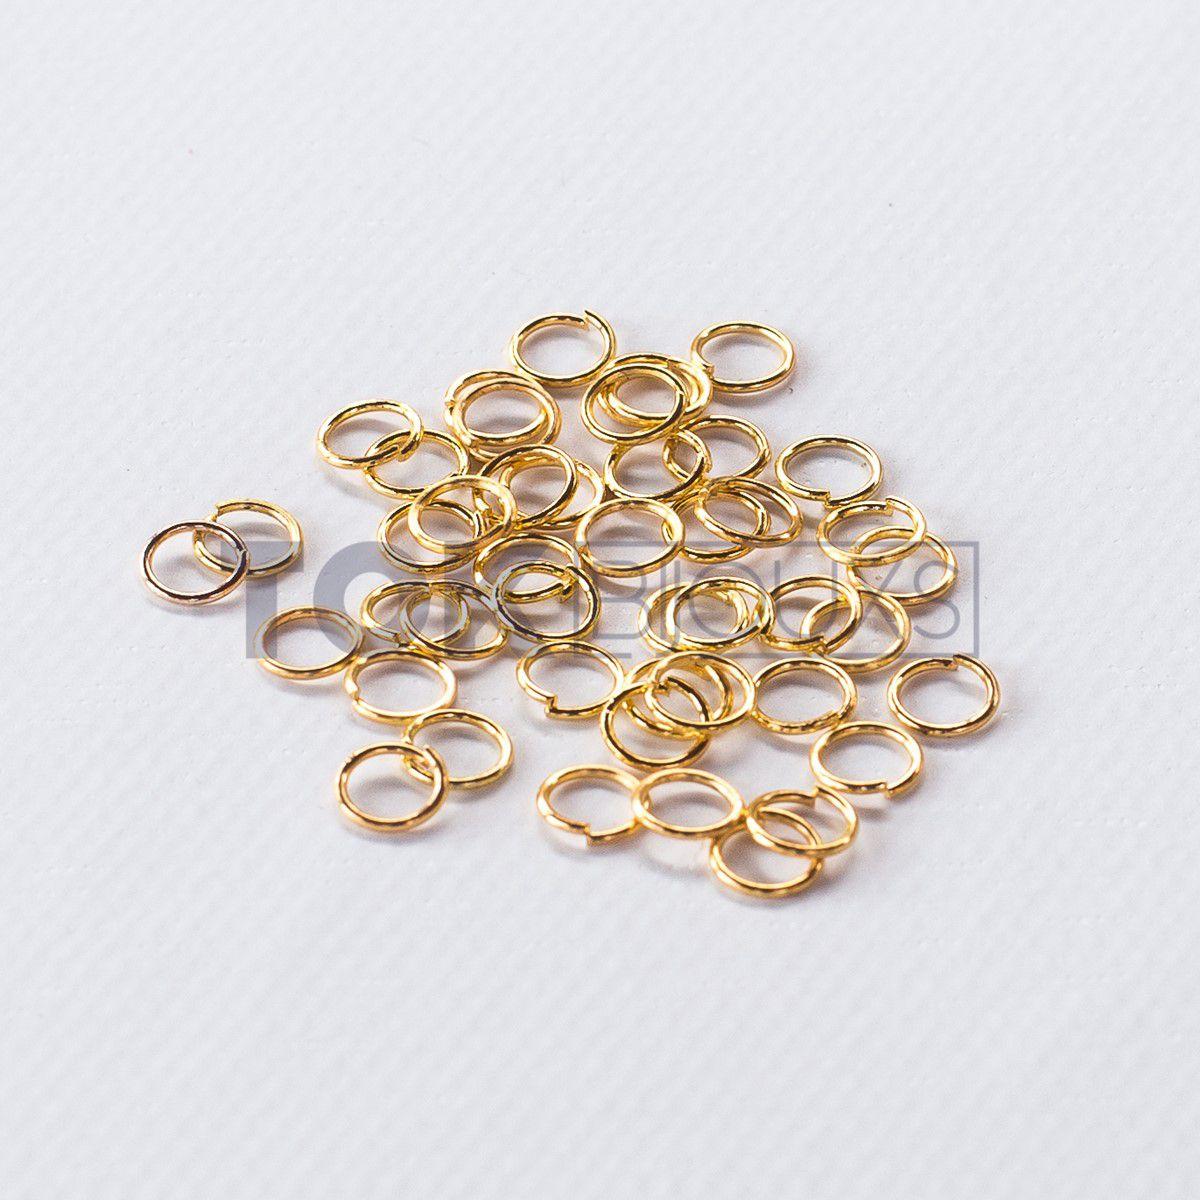 Argola De Ferro 5mm - Dourado - 25g